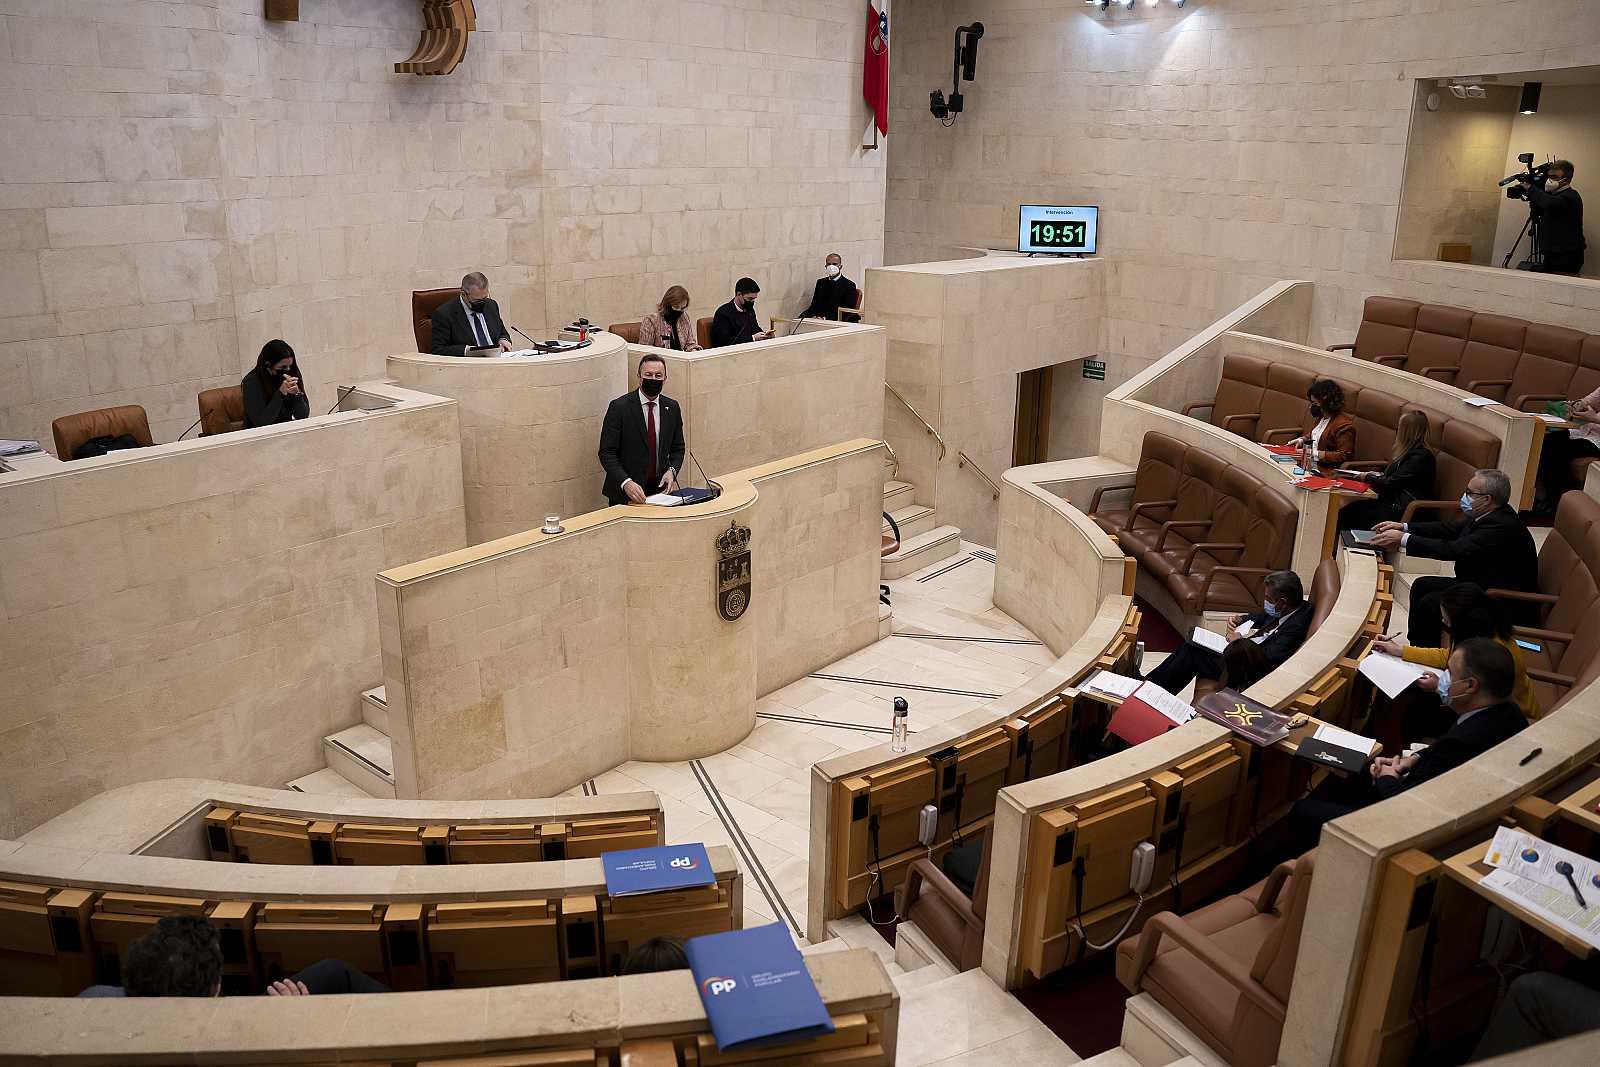 El Pleno del Parlamento aprobó la Ley de Pesca por unanimidad